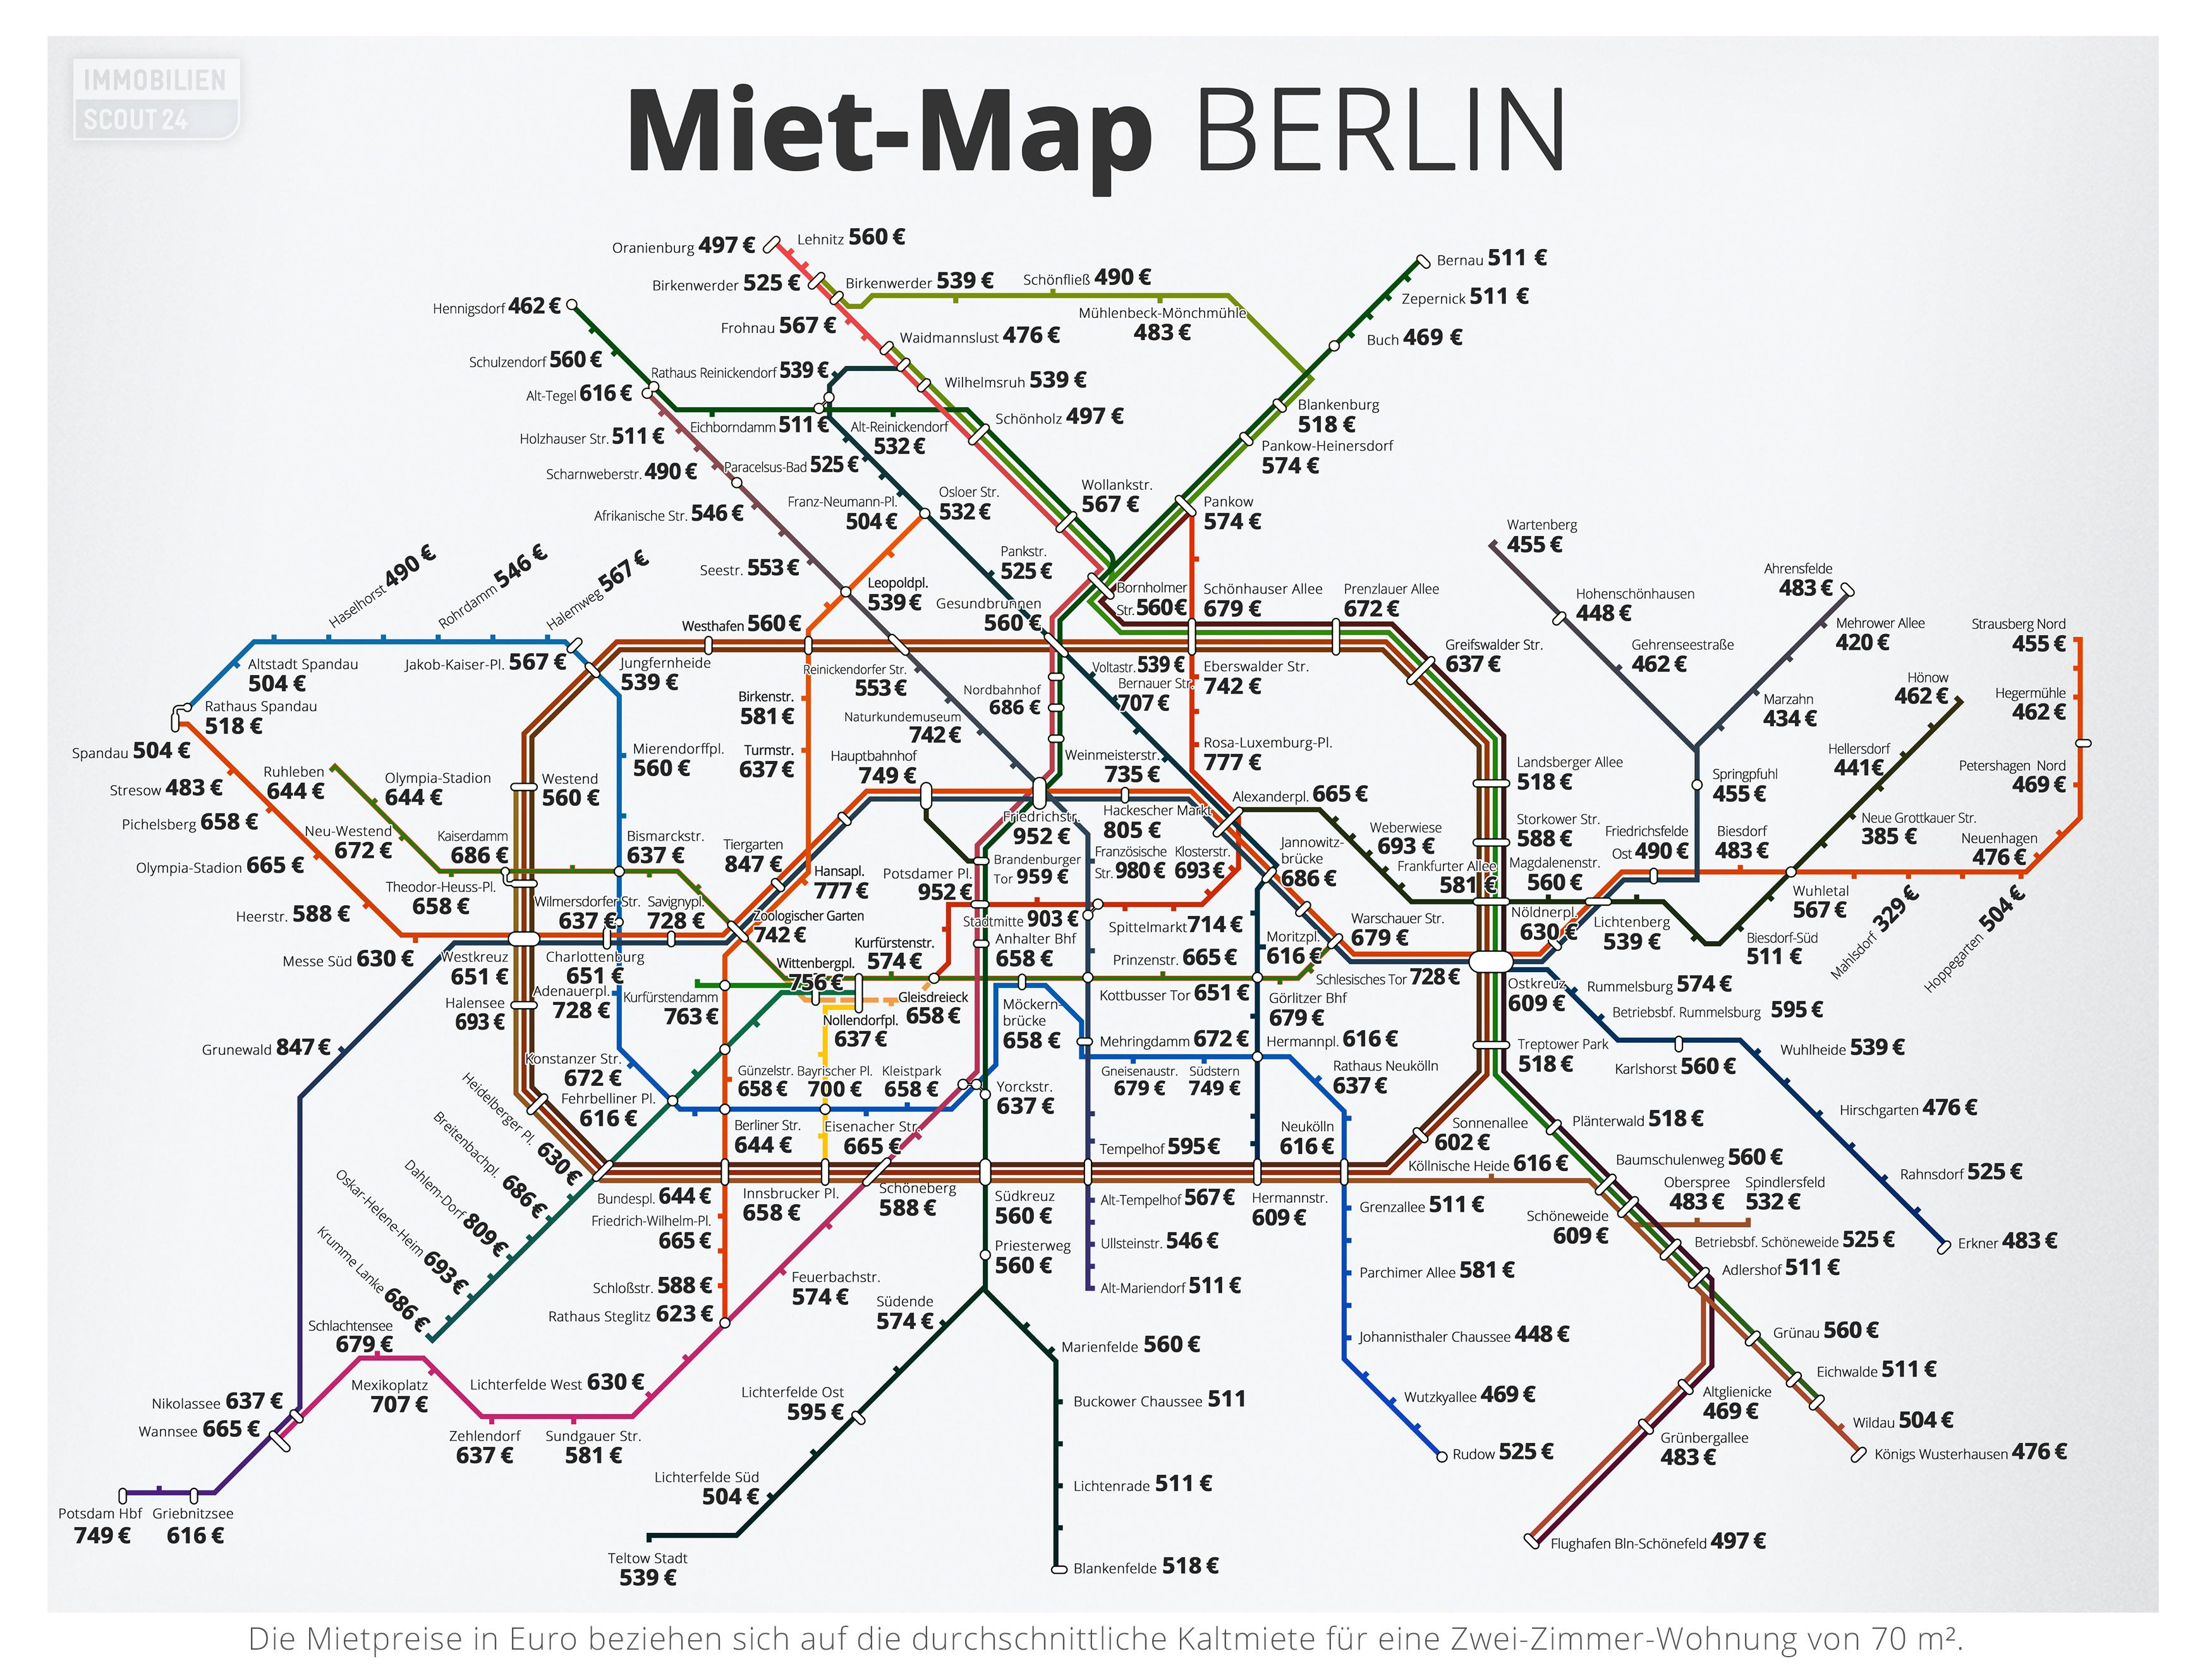 miet-map-berlin